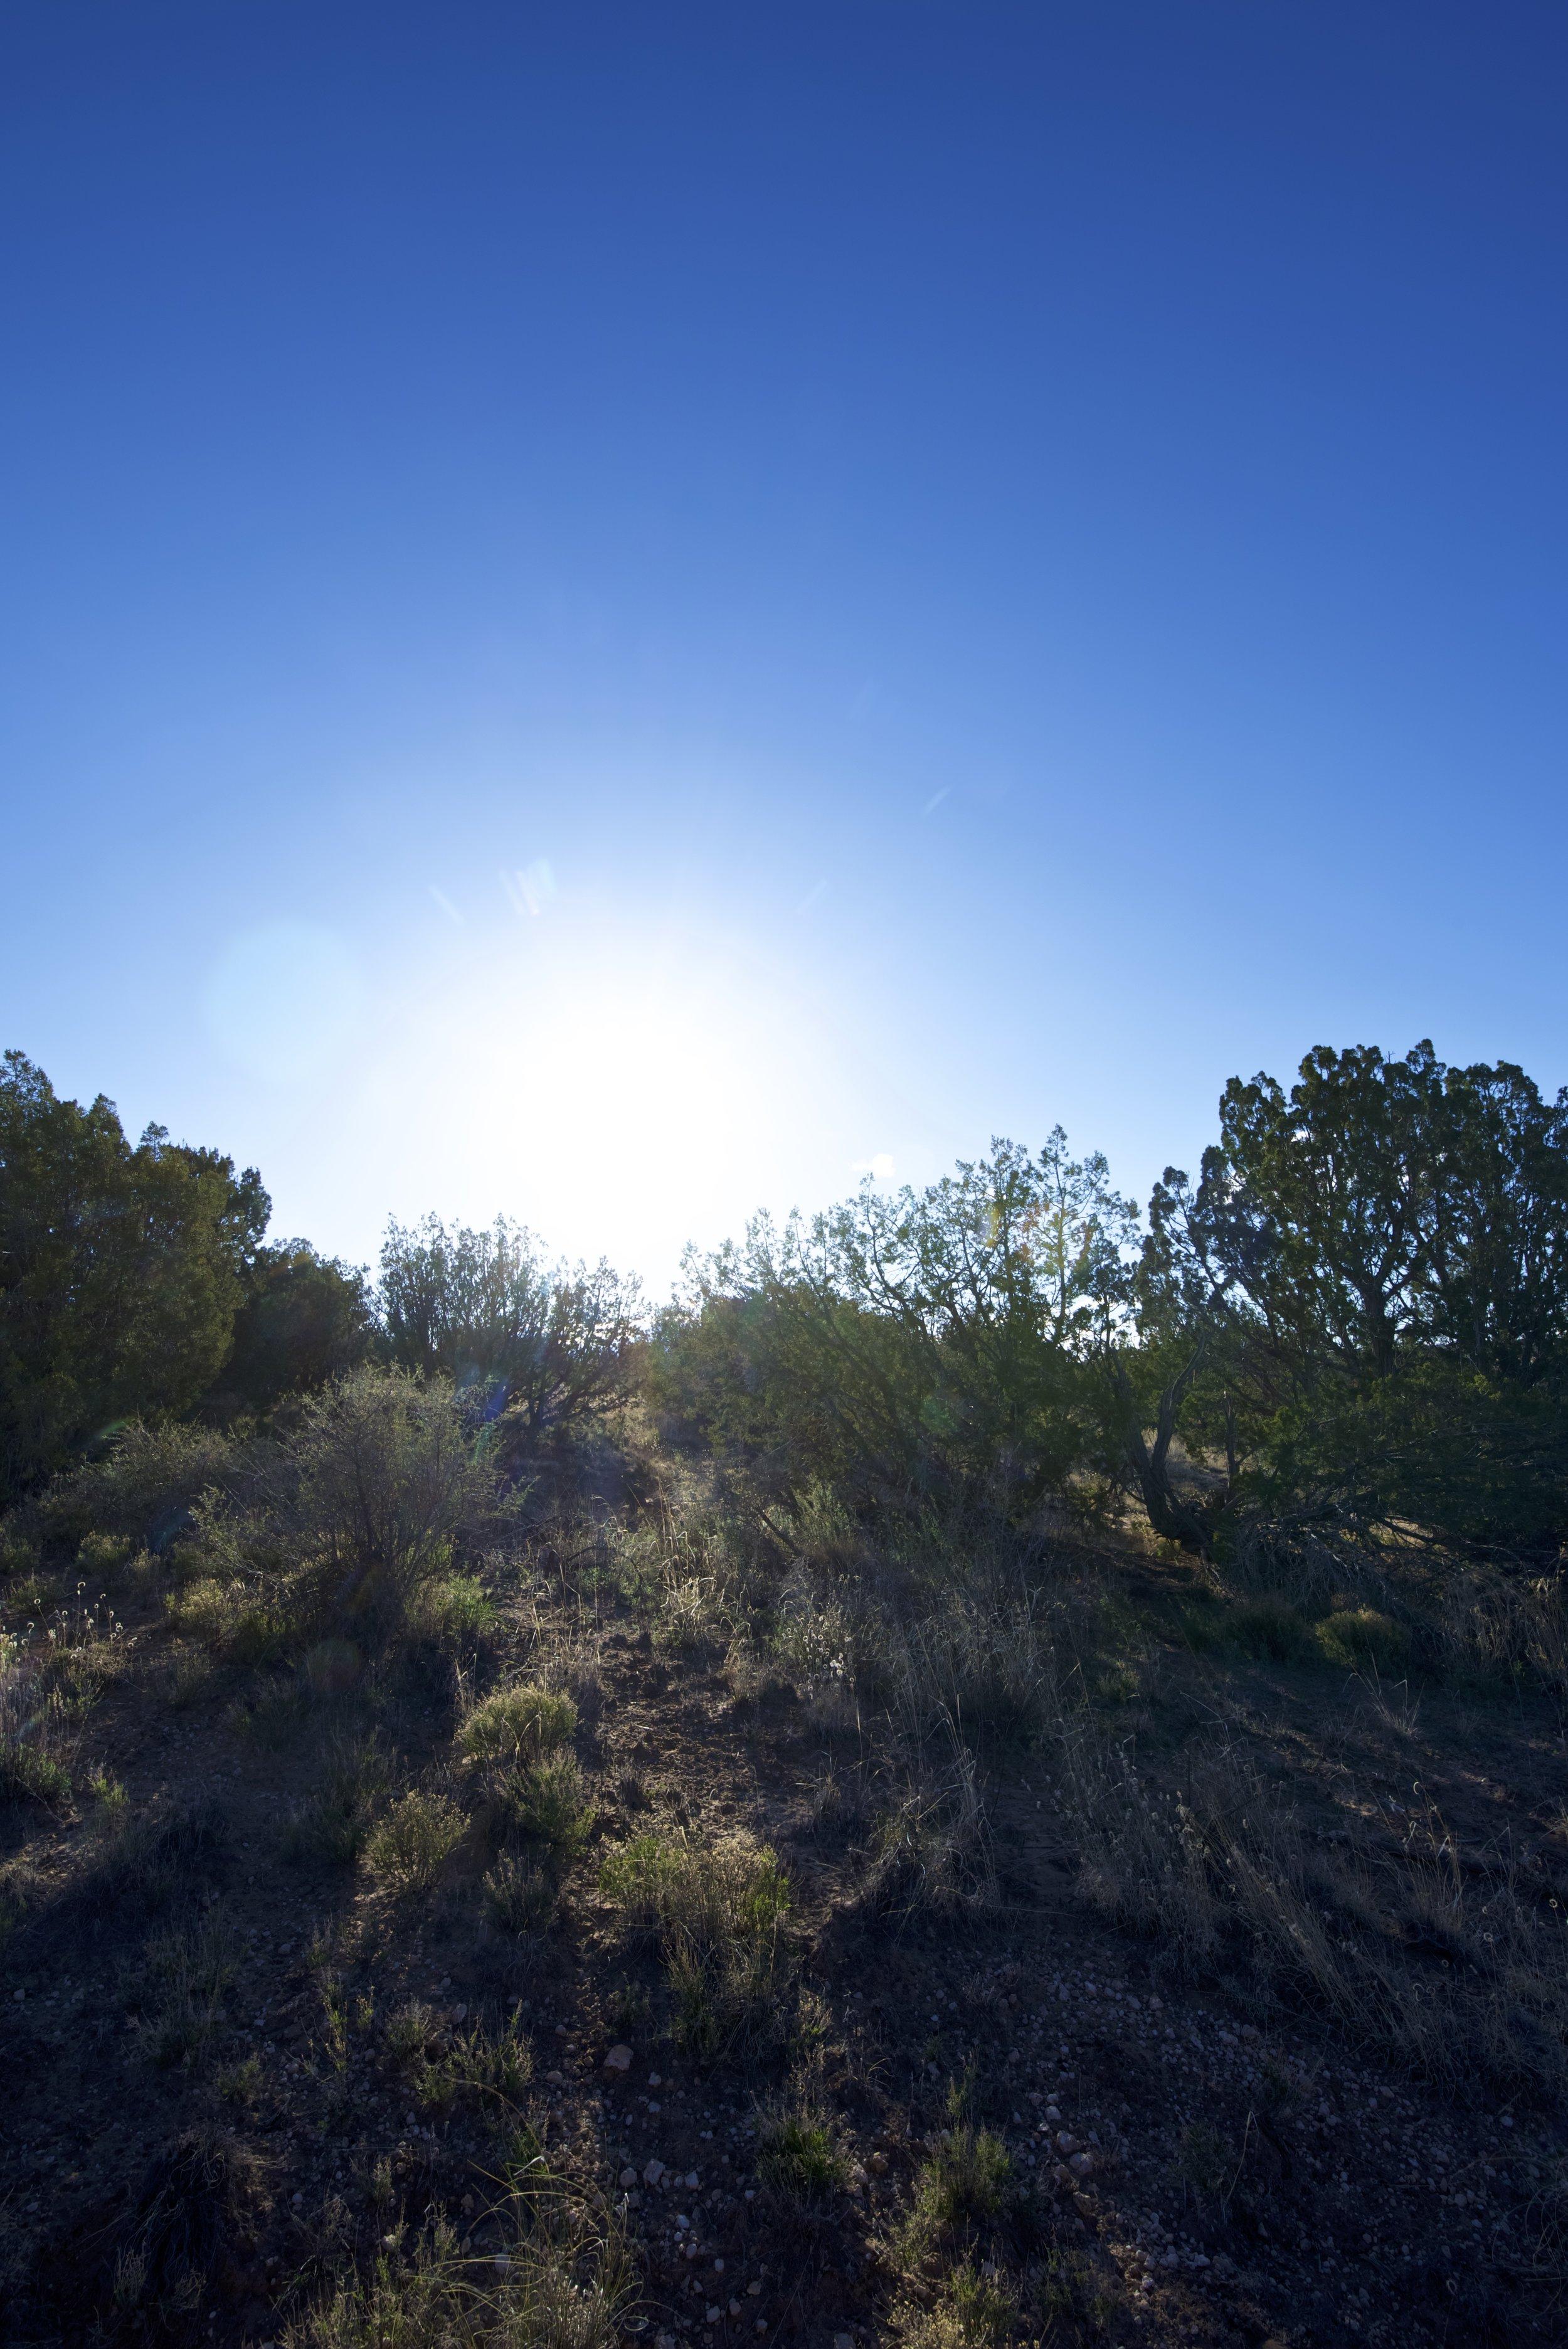 SNNM-2231-rio-rancho-125690.jpg